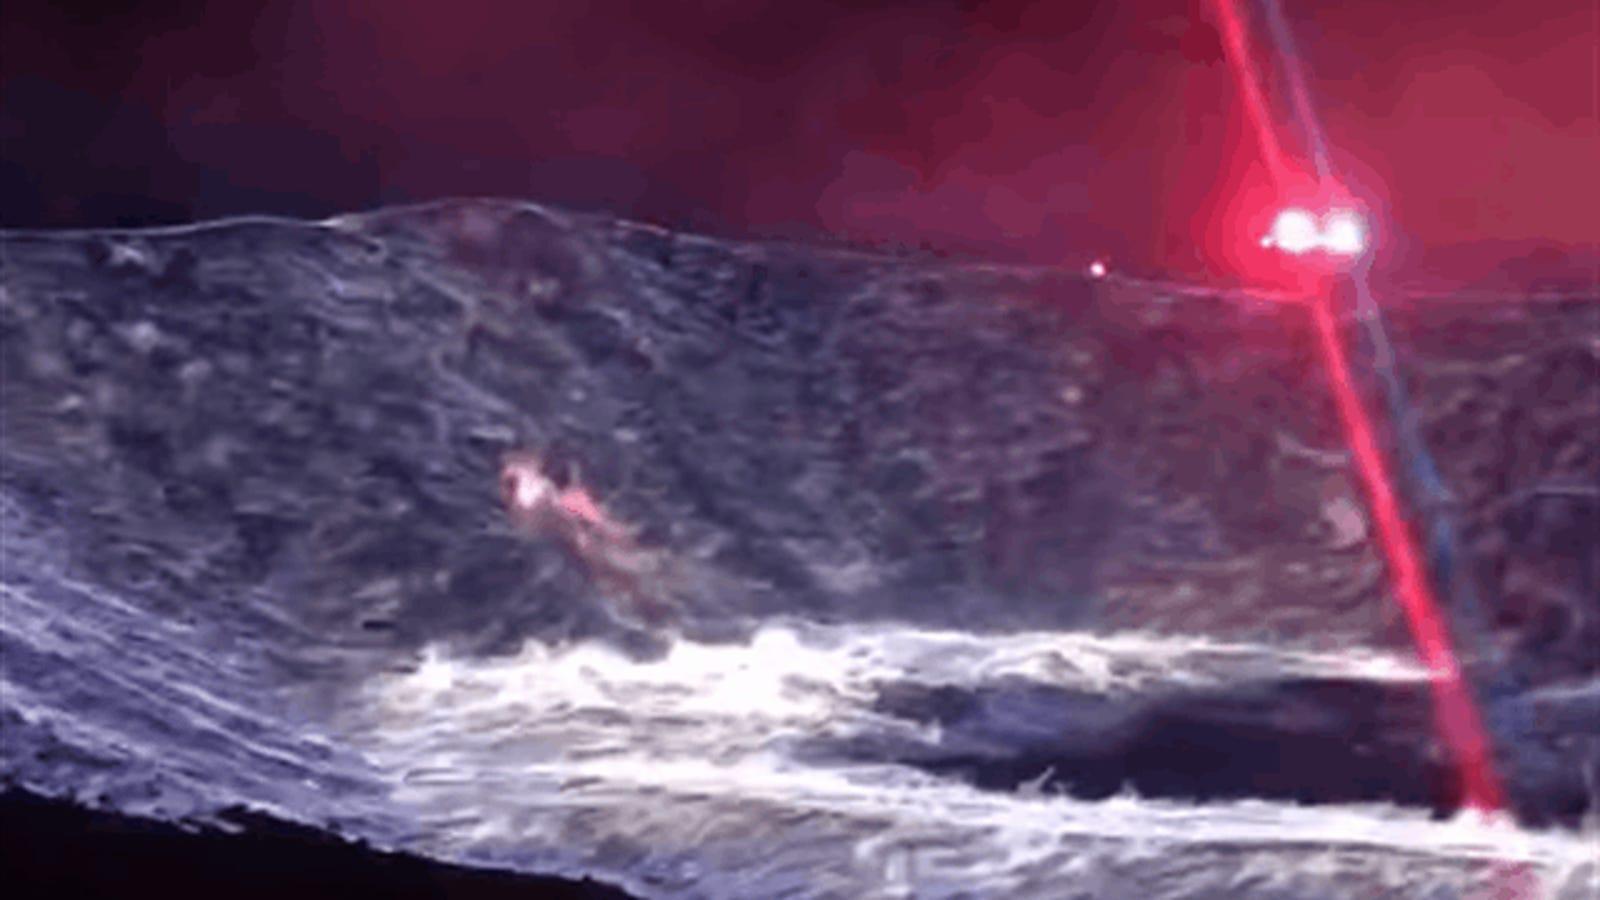 Este incendio en una pila de azufre parece una escena extraída de una película de terror